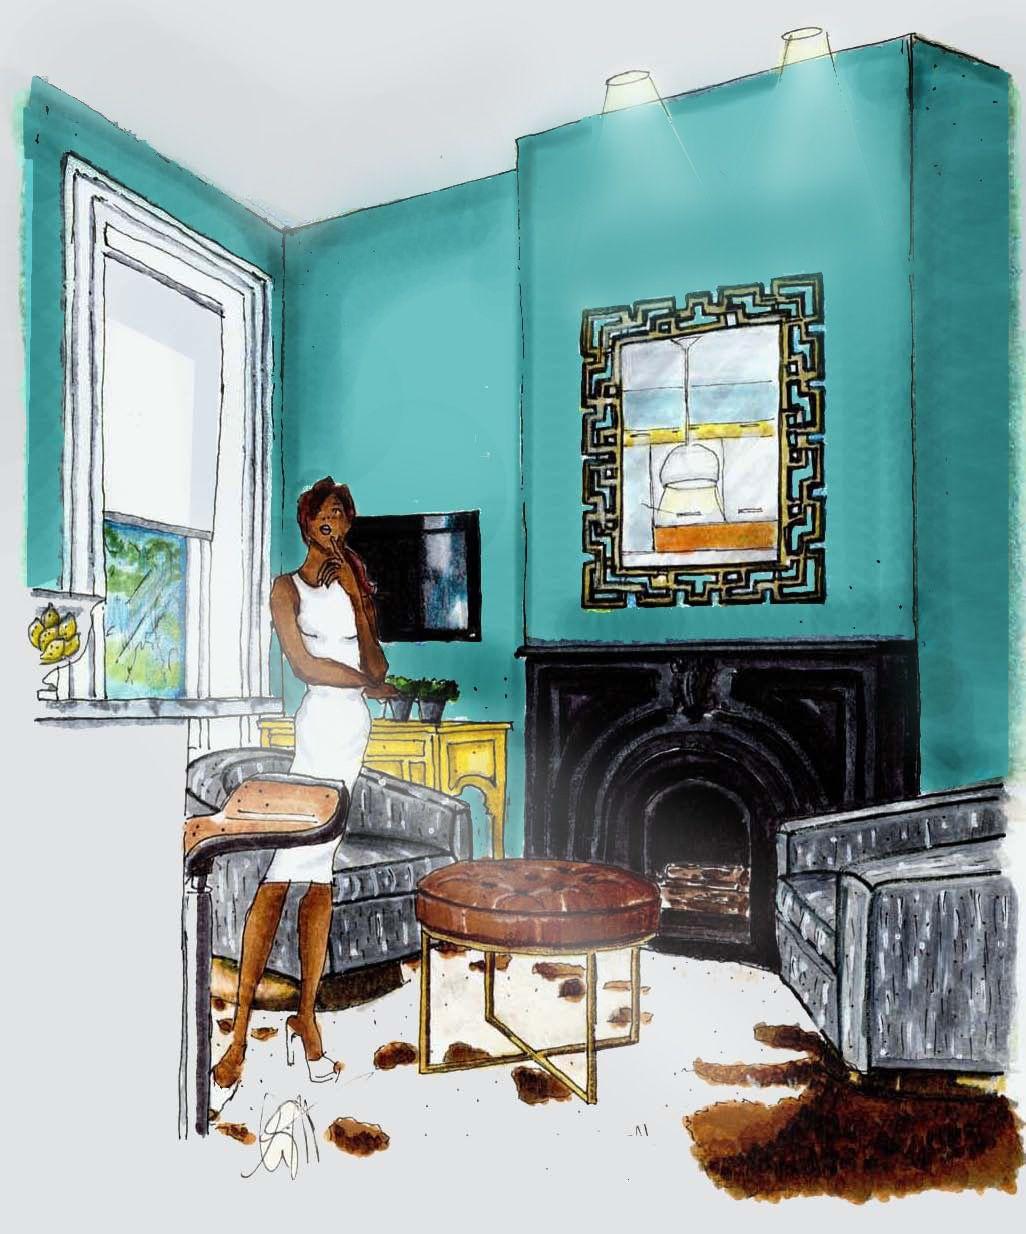 Annette Wright Od360 Designs Interior Design Sketches Beautiful Interior Design Interior Sketch